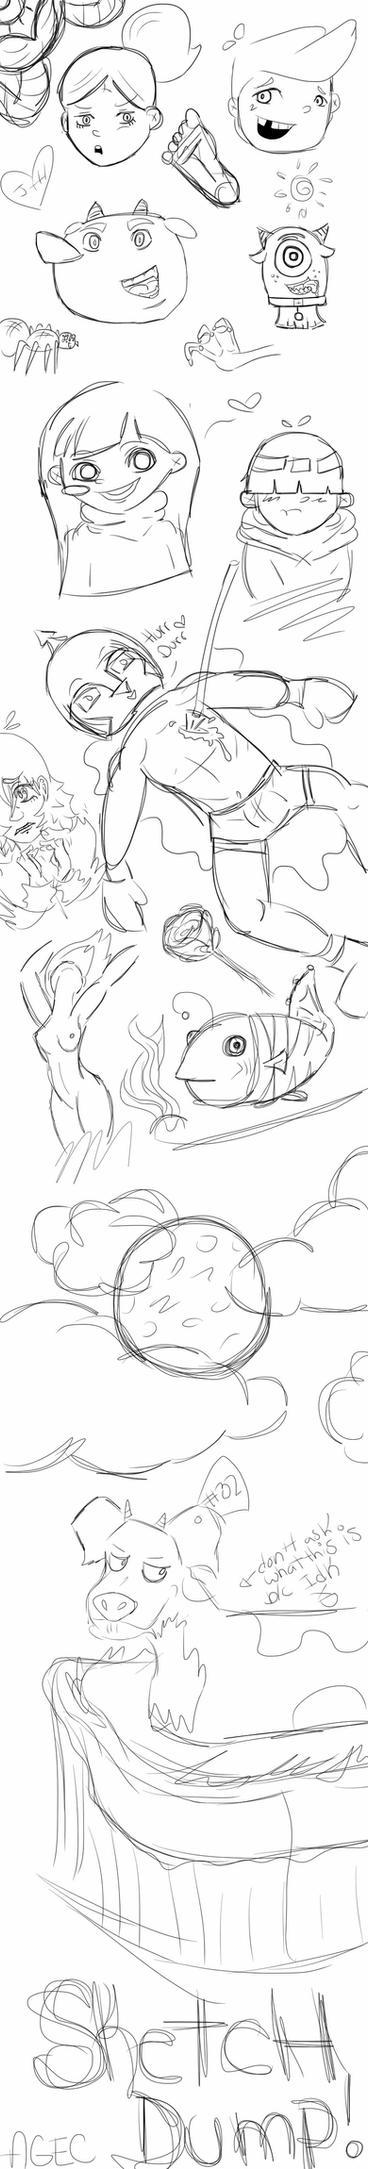 Sketch Dump #1 by agec